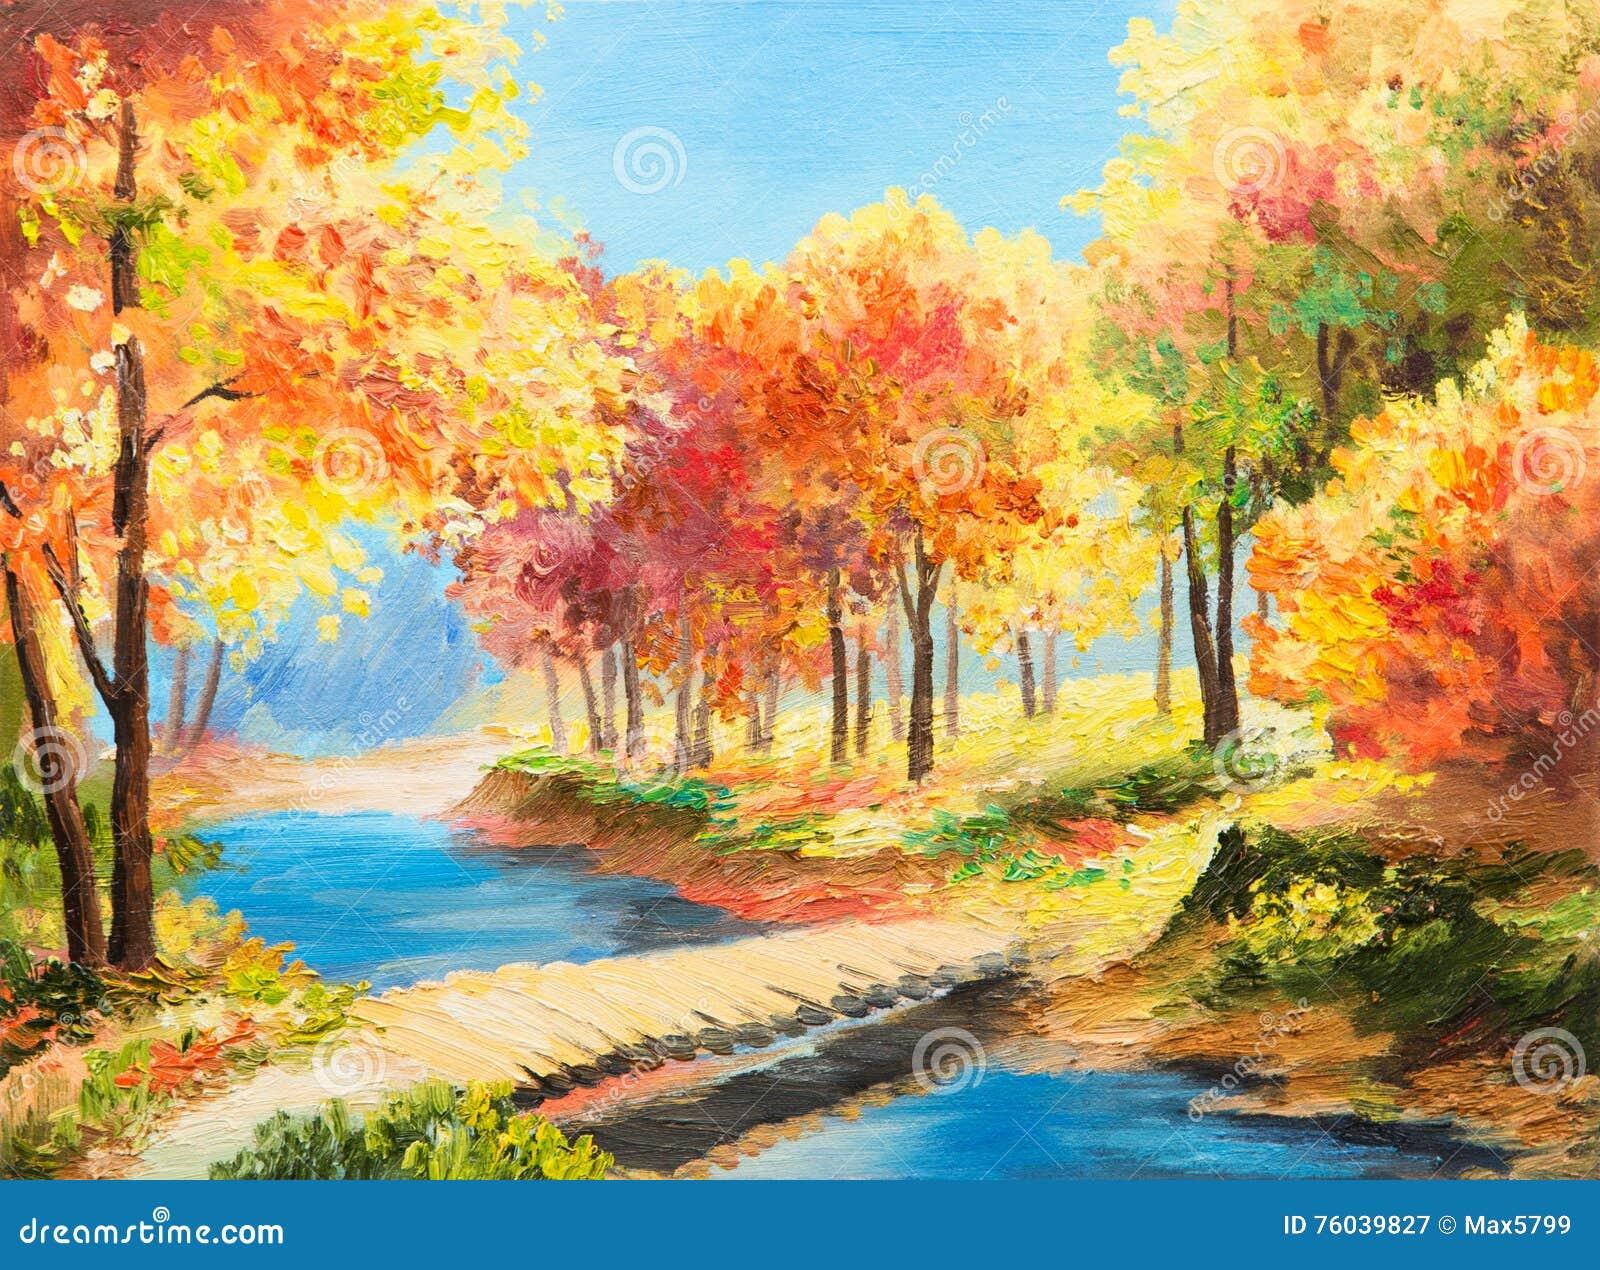 Paysage De Peinture à L'huile - Forêt Colorée D'automne Illustration Stock - Illustration du ...